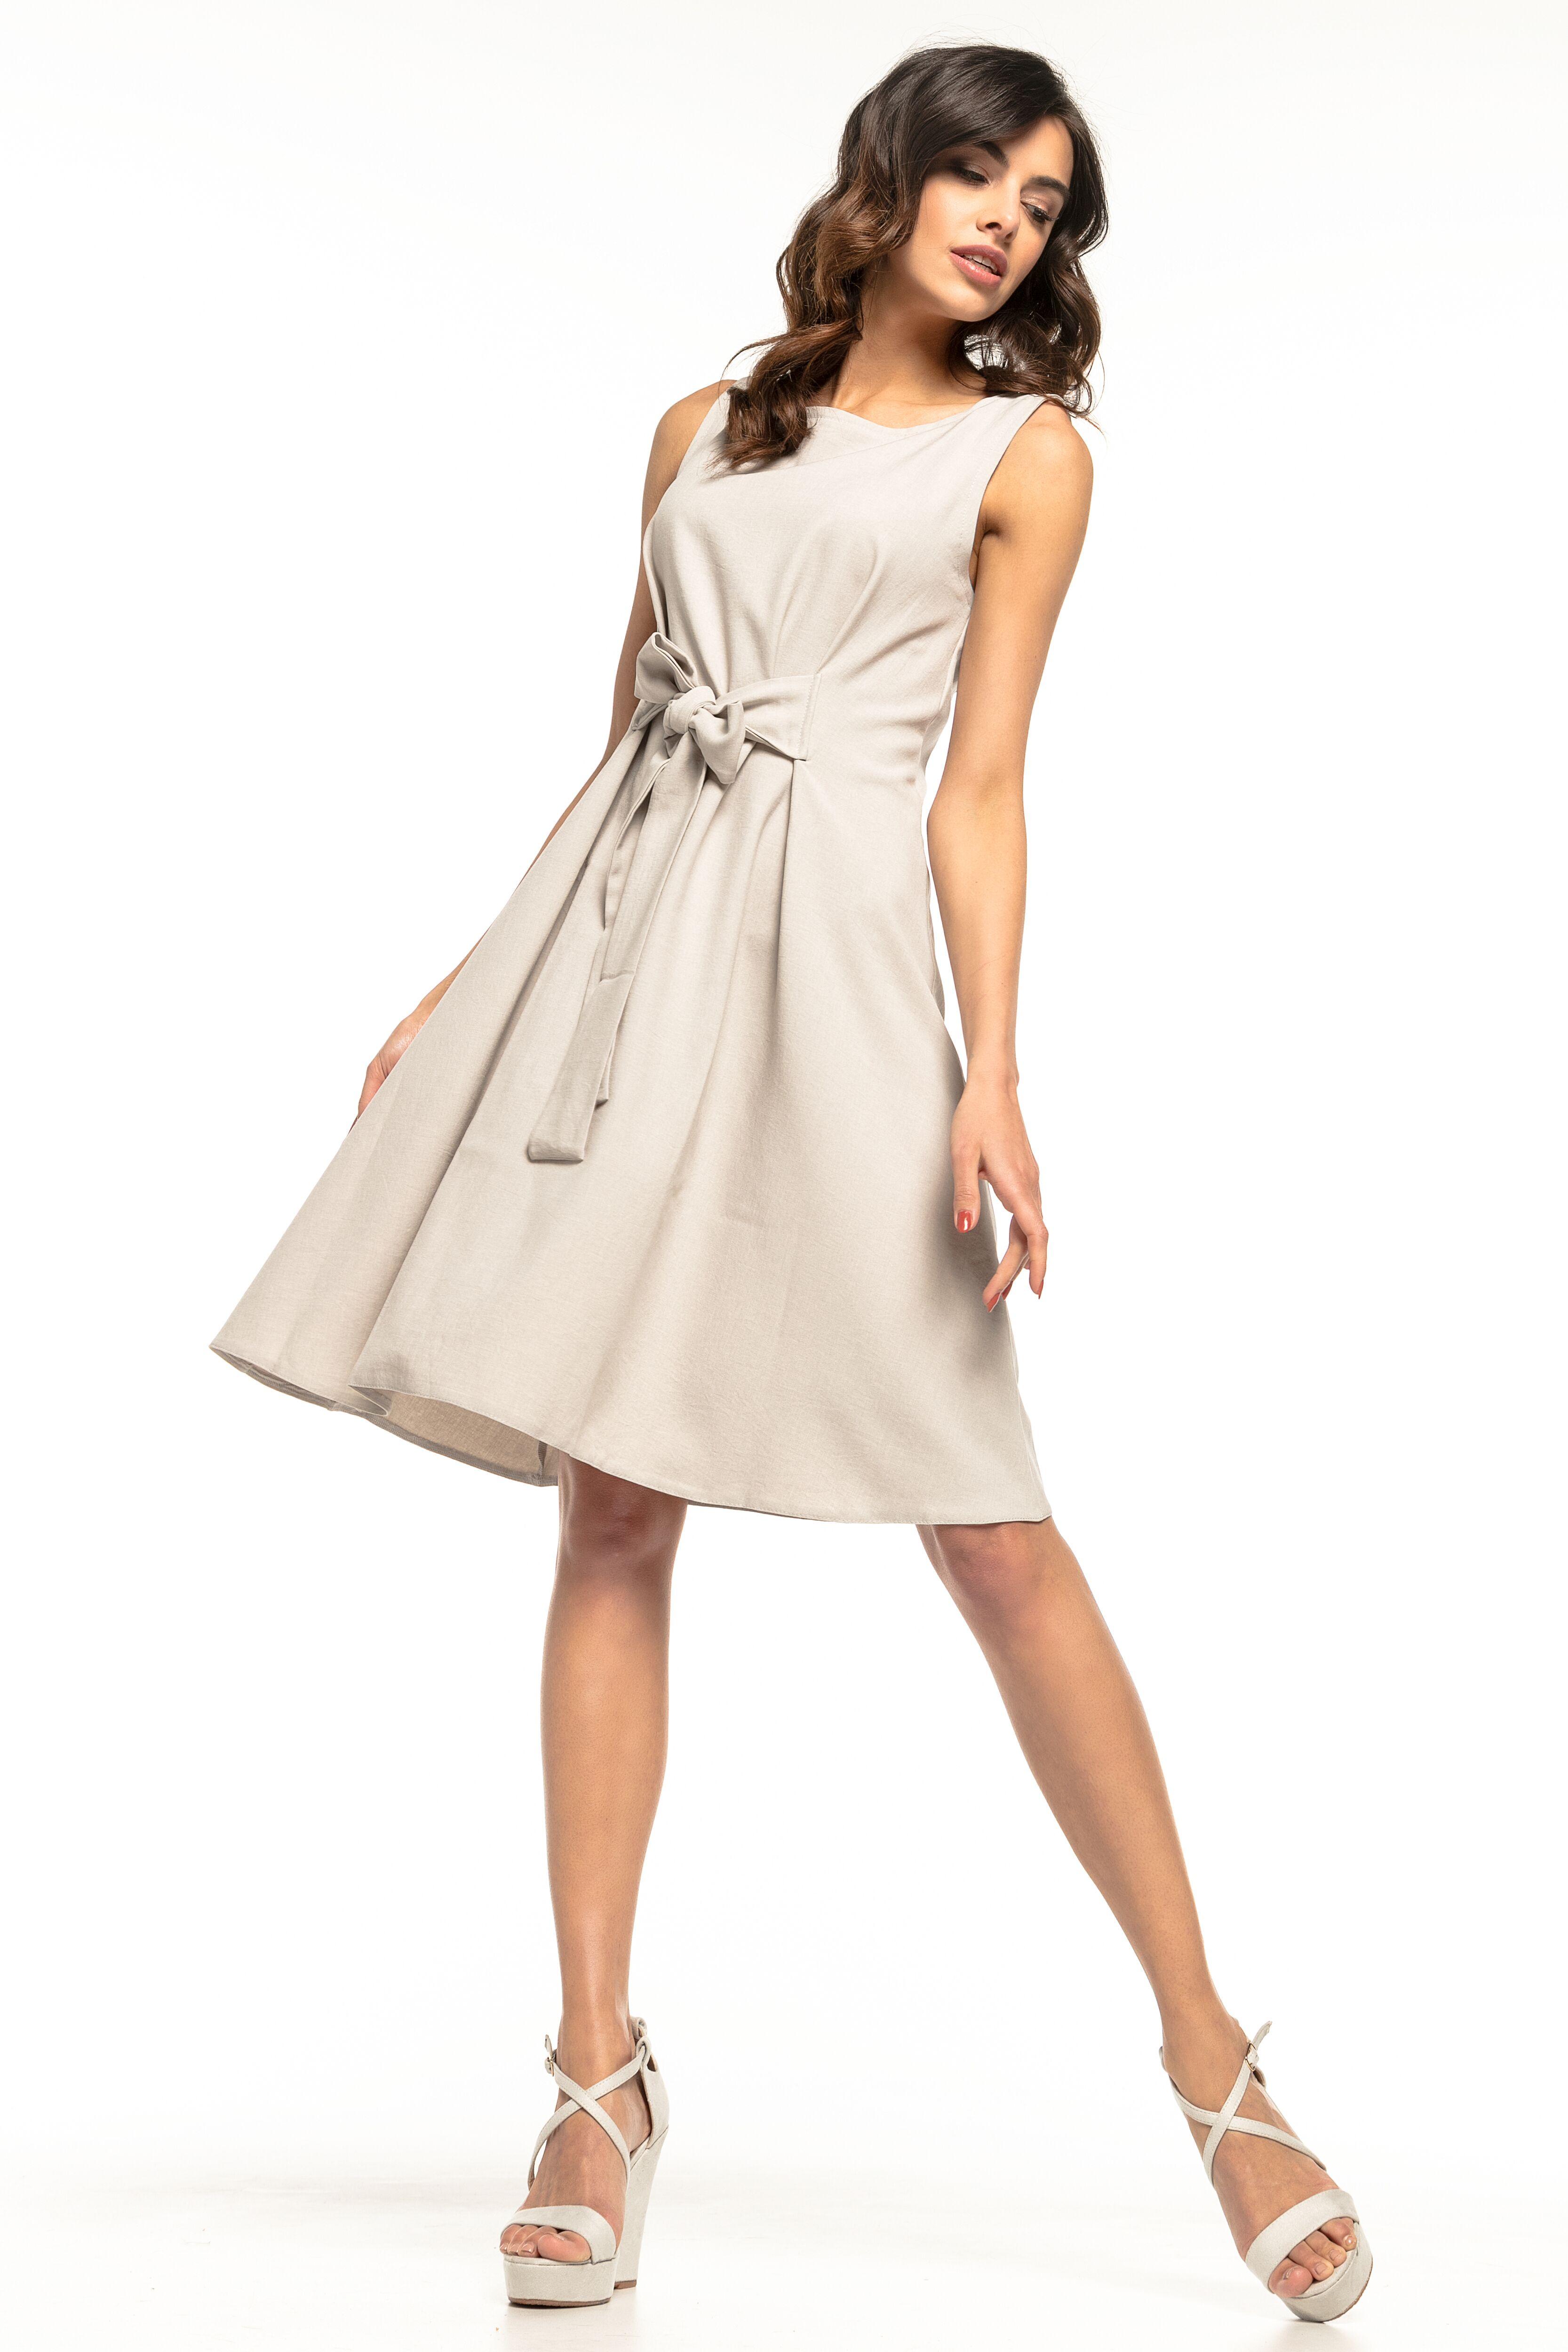 8814e3c58fda53 Sukienka rozkloszowana bez rękawów szara - tani kurier już od 5,99 zł